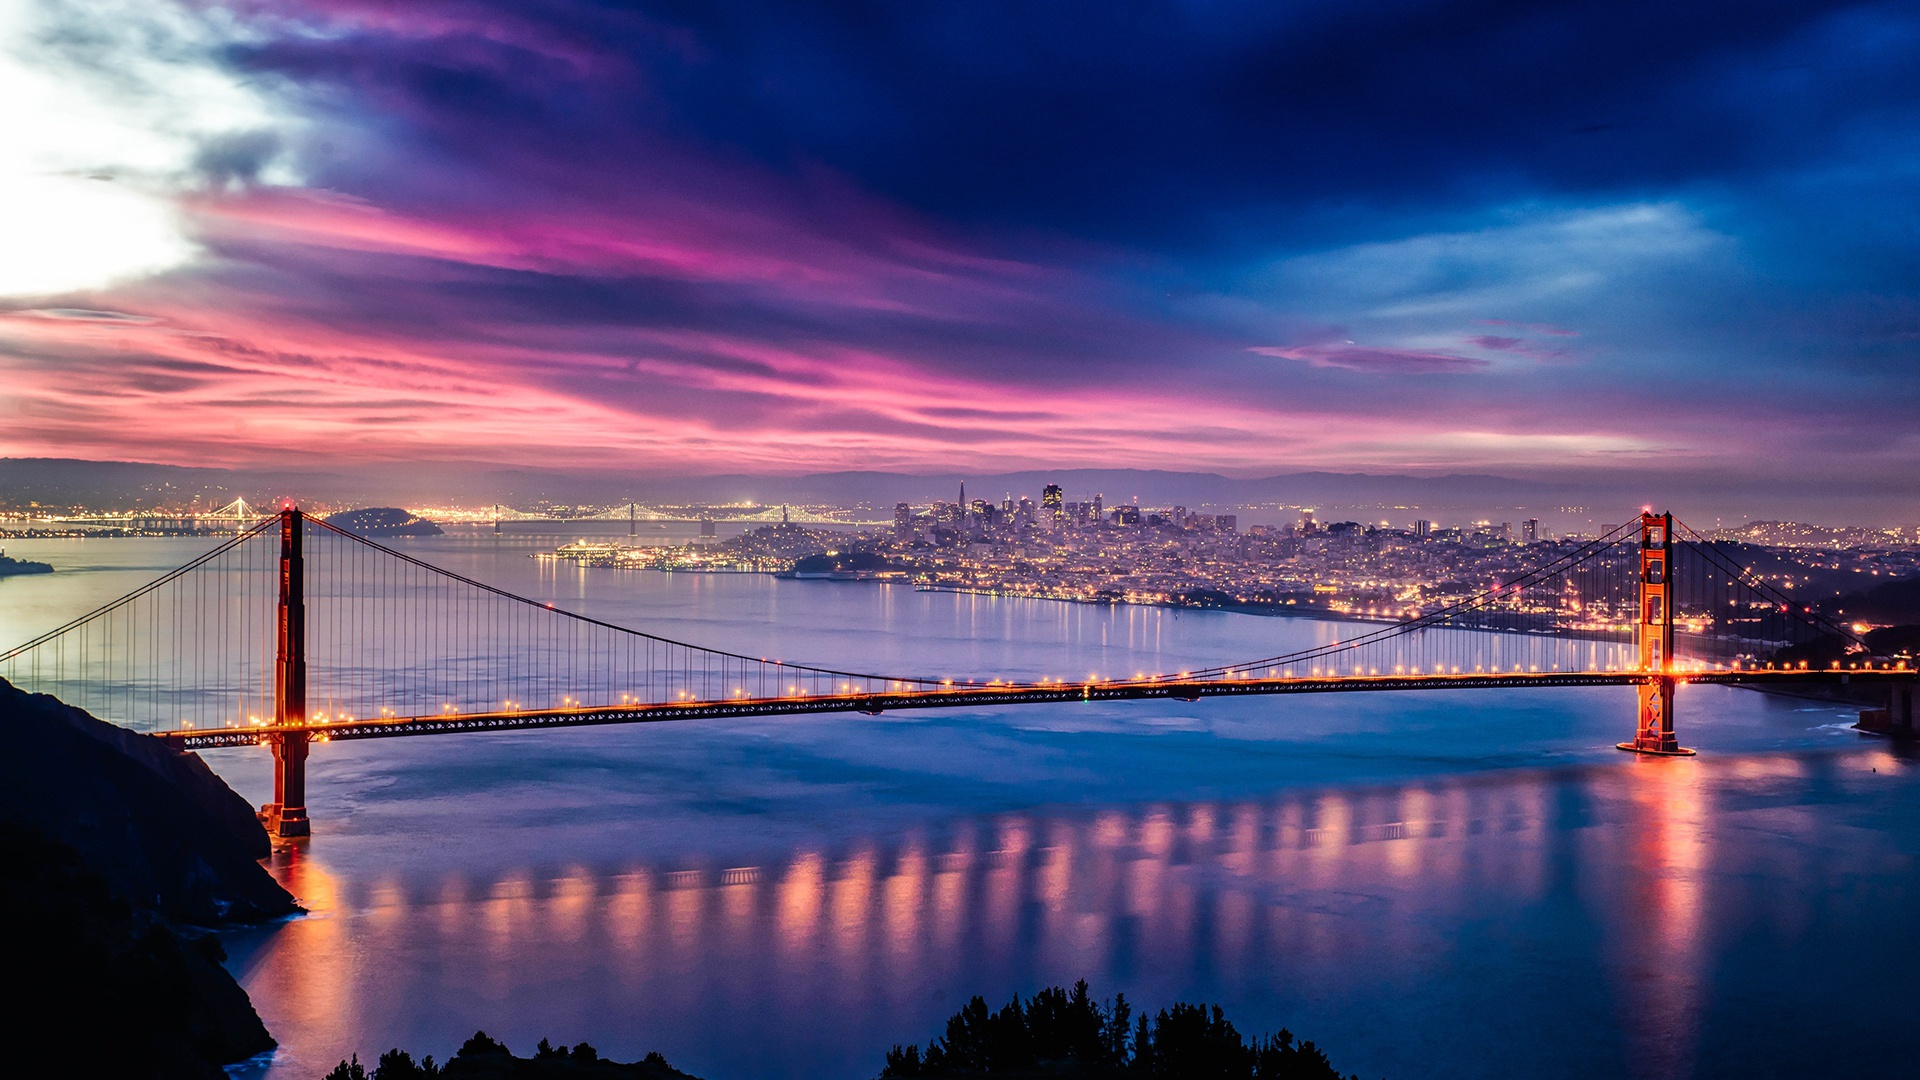 Golden Gate Bridge Wallpaper Sunset - HD Wallpaper